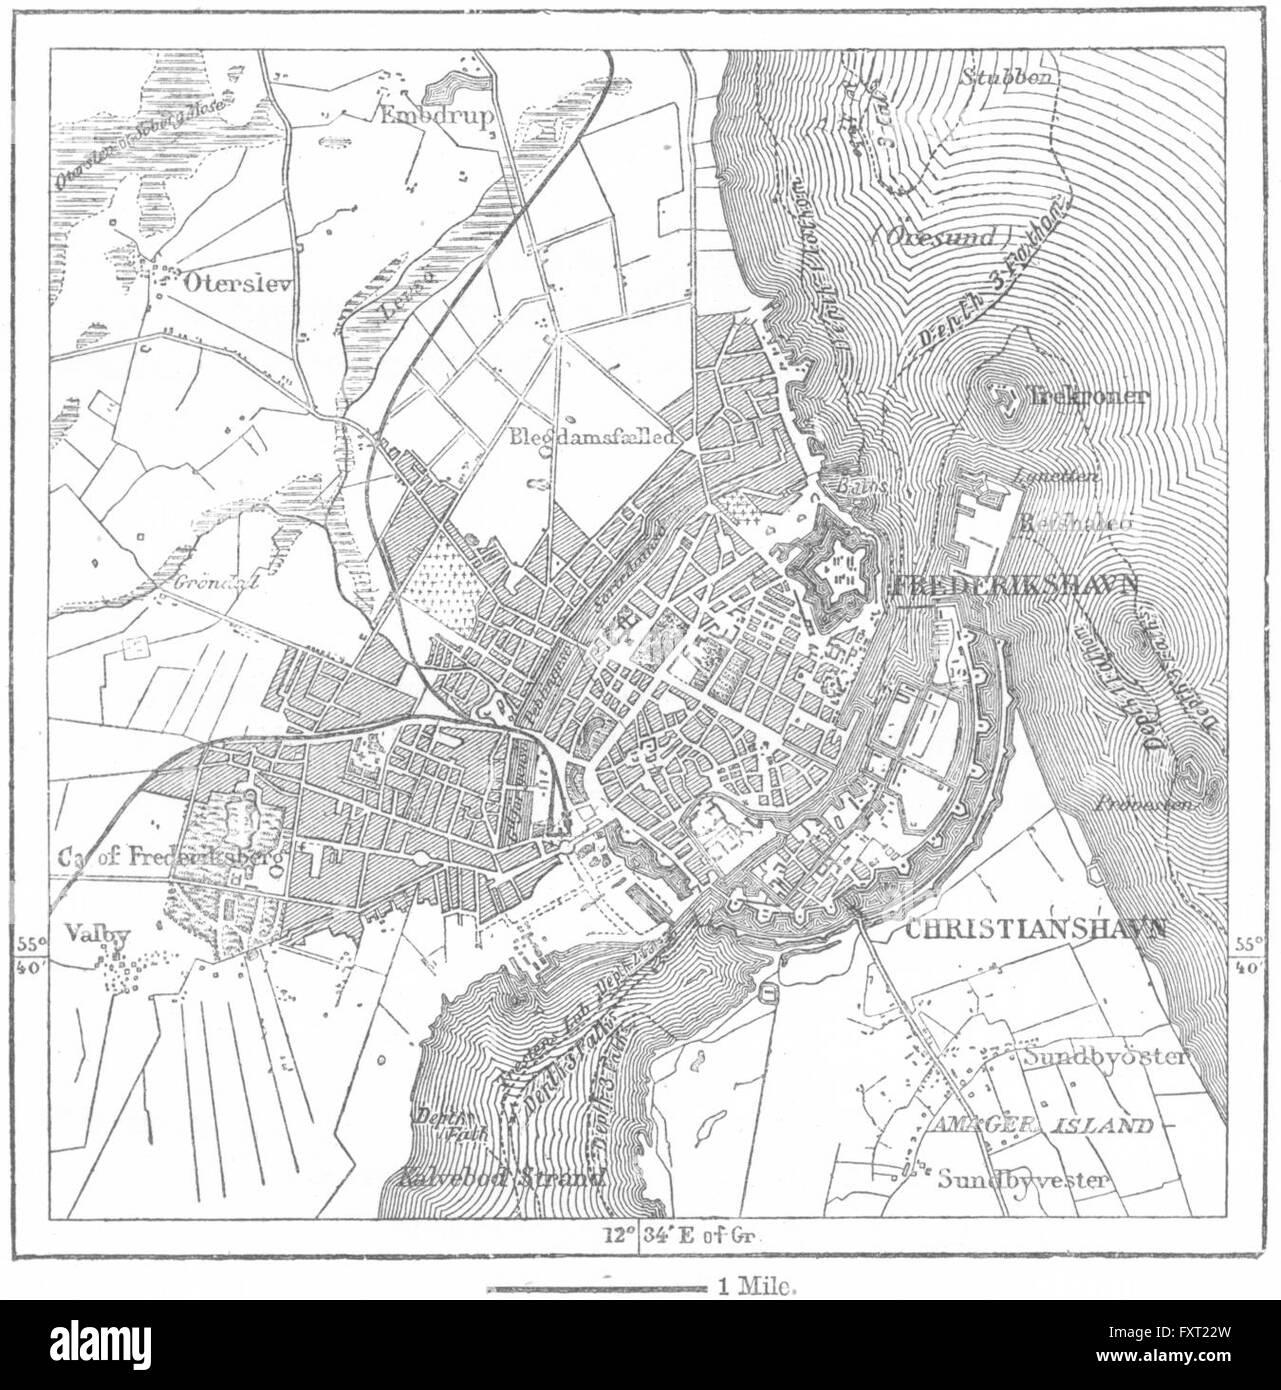 DENMARK: Copenhagen, sketch map, c1885 - Stock Image